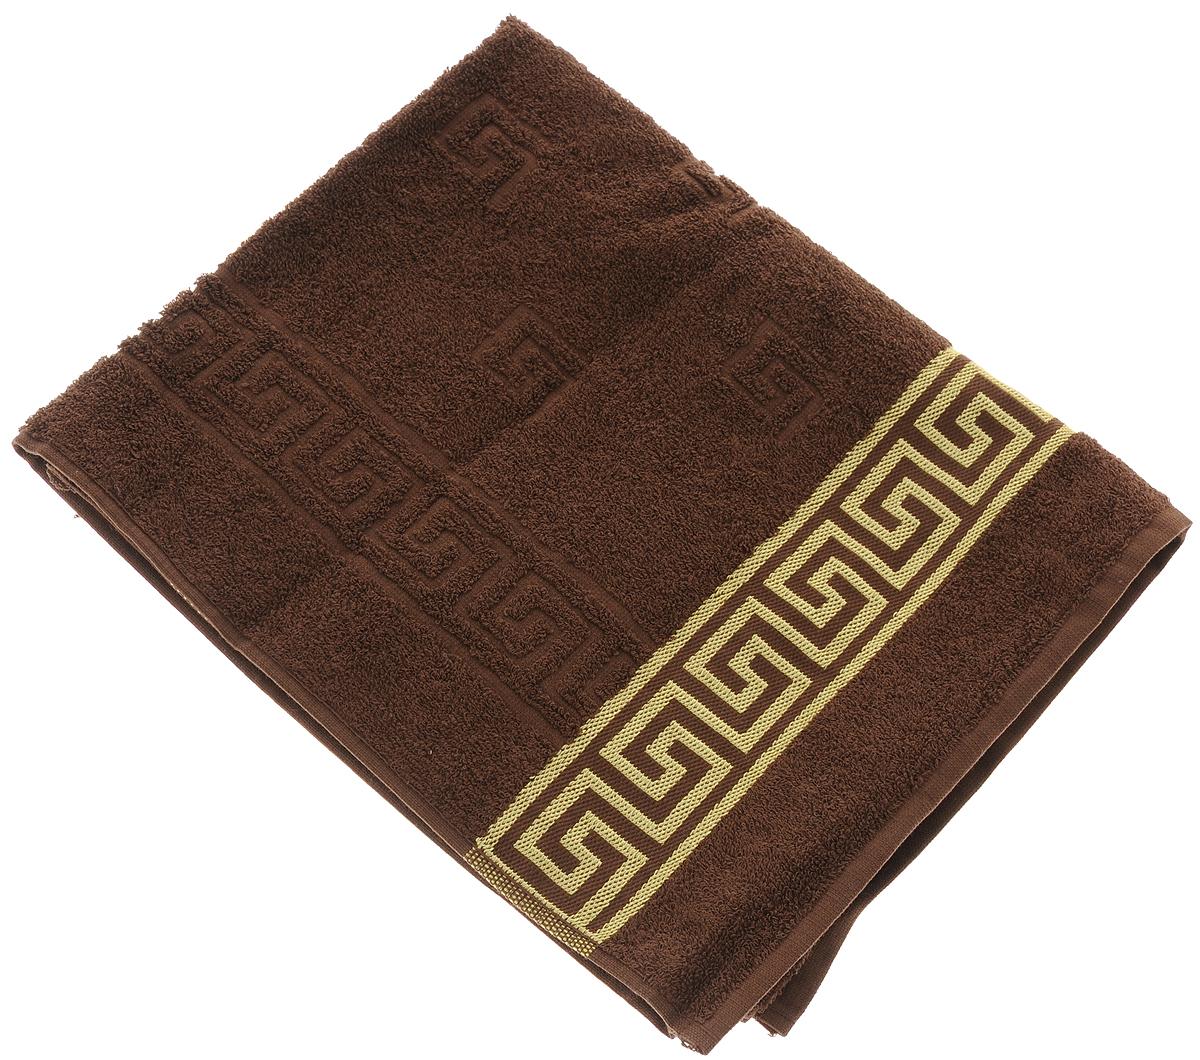 Полотенце Вышневолоцкий текстиль, цвет: темно-коричневый, золотистый, 90 х 50 см13754Махровое полотенце Вышневолоцкий текстиль выполнено из 100% хлопка. Изделие отлично впитывает влагу, быстро сохнет, сохраняет яркость цвета и не теряет форму даже после многократных стирок. Такое полотенце очень практично и неприхотливо в уходе. Оно украсит интерьер в ванной комнате, а также подарит ощущение заботливой нежности и удивительного комфорта. Рекомендуется стирка при температуре 60°C.